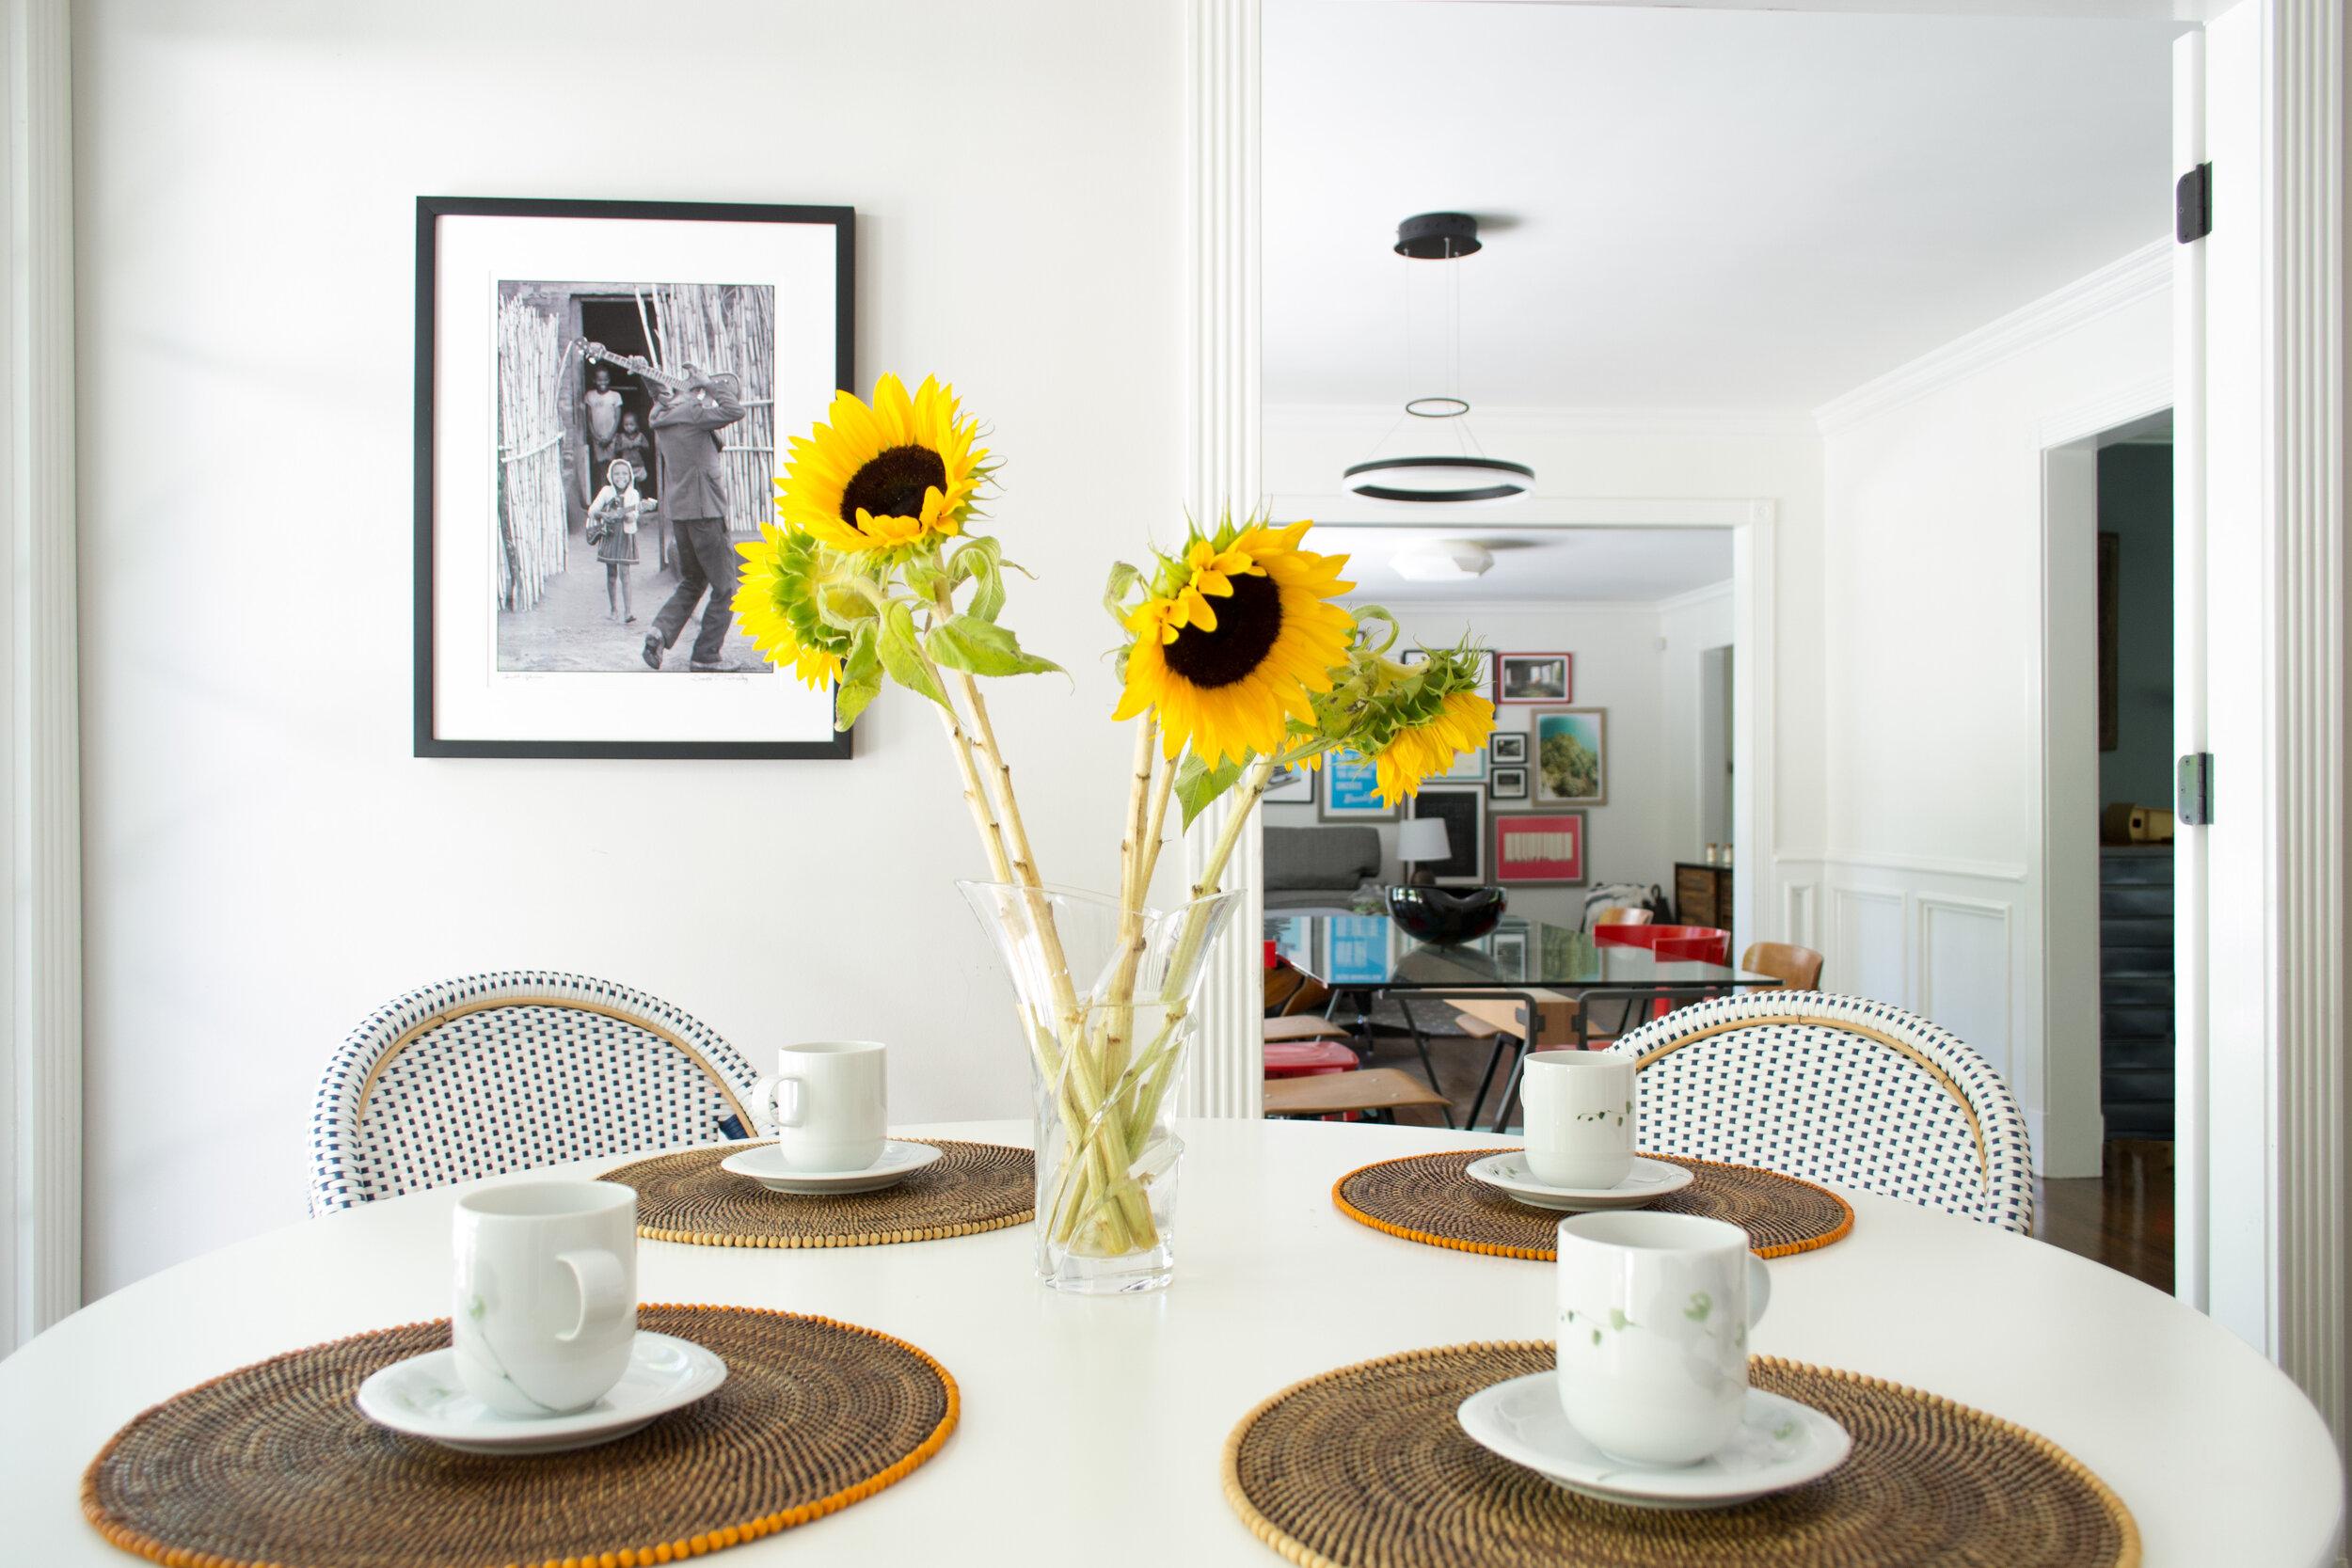 kitchenette-white-tc-interiors-2.jpg